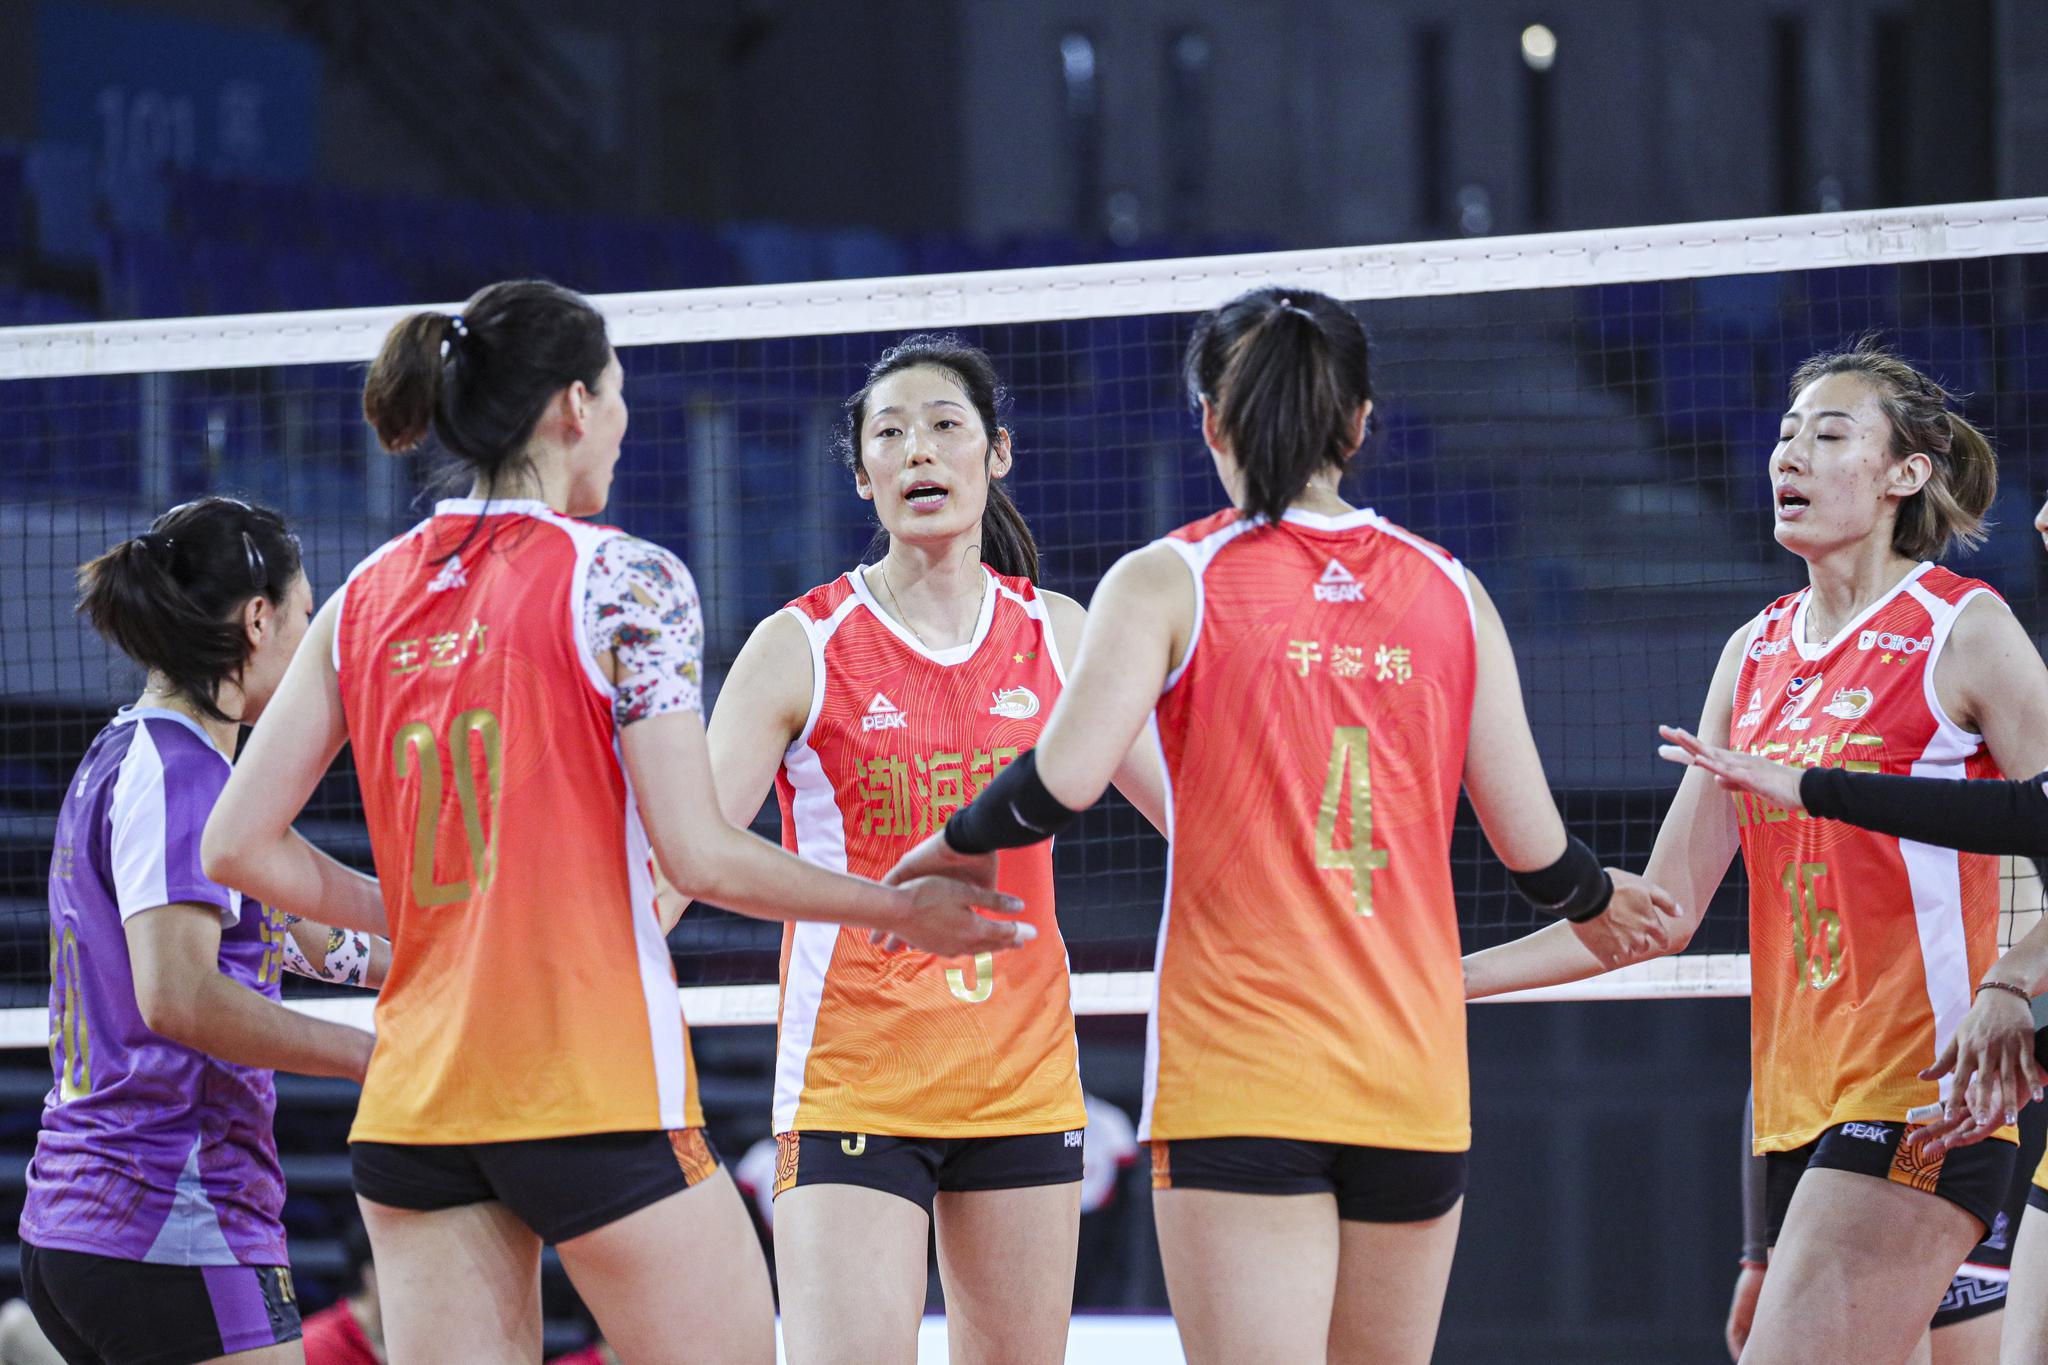 11月23日 广东江门 20/21赛季女排超级联赛第二阶段第4轮……